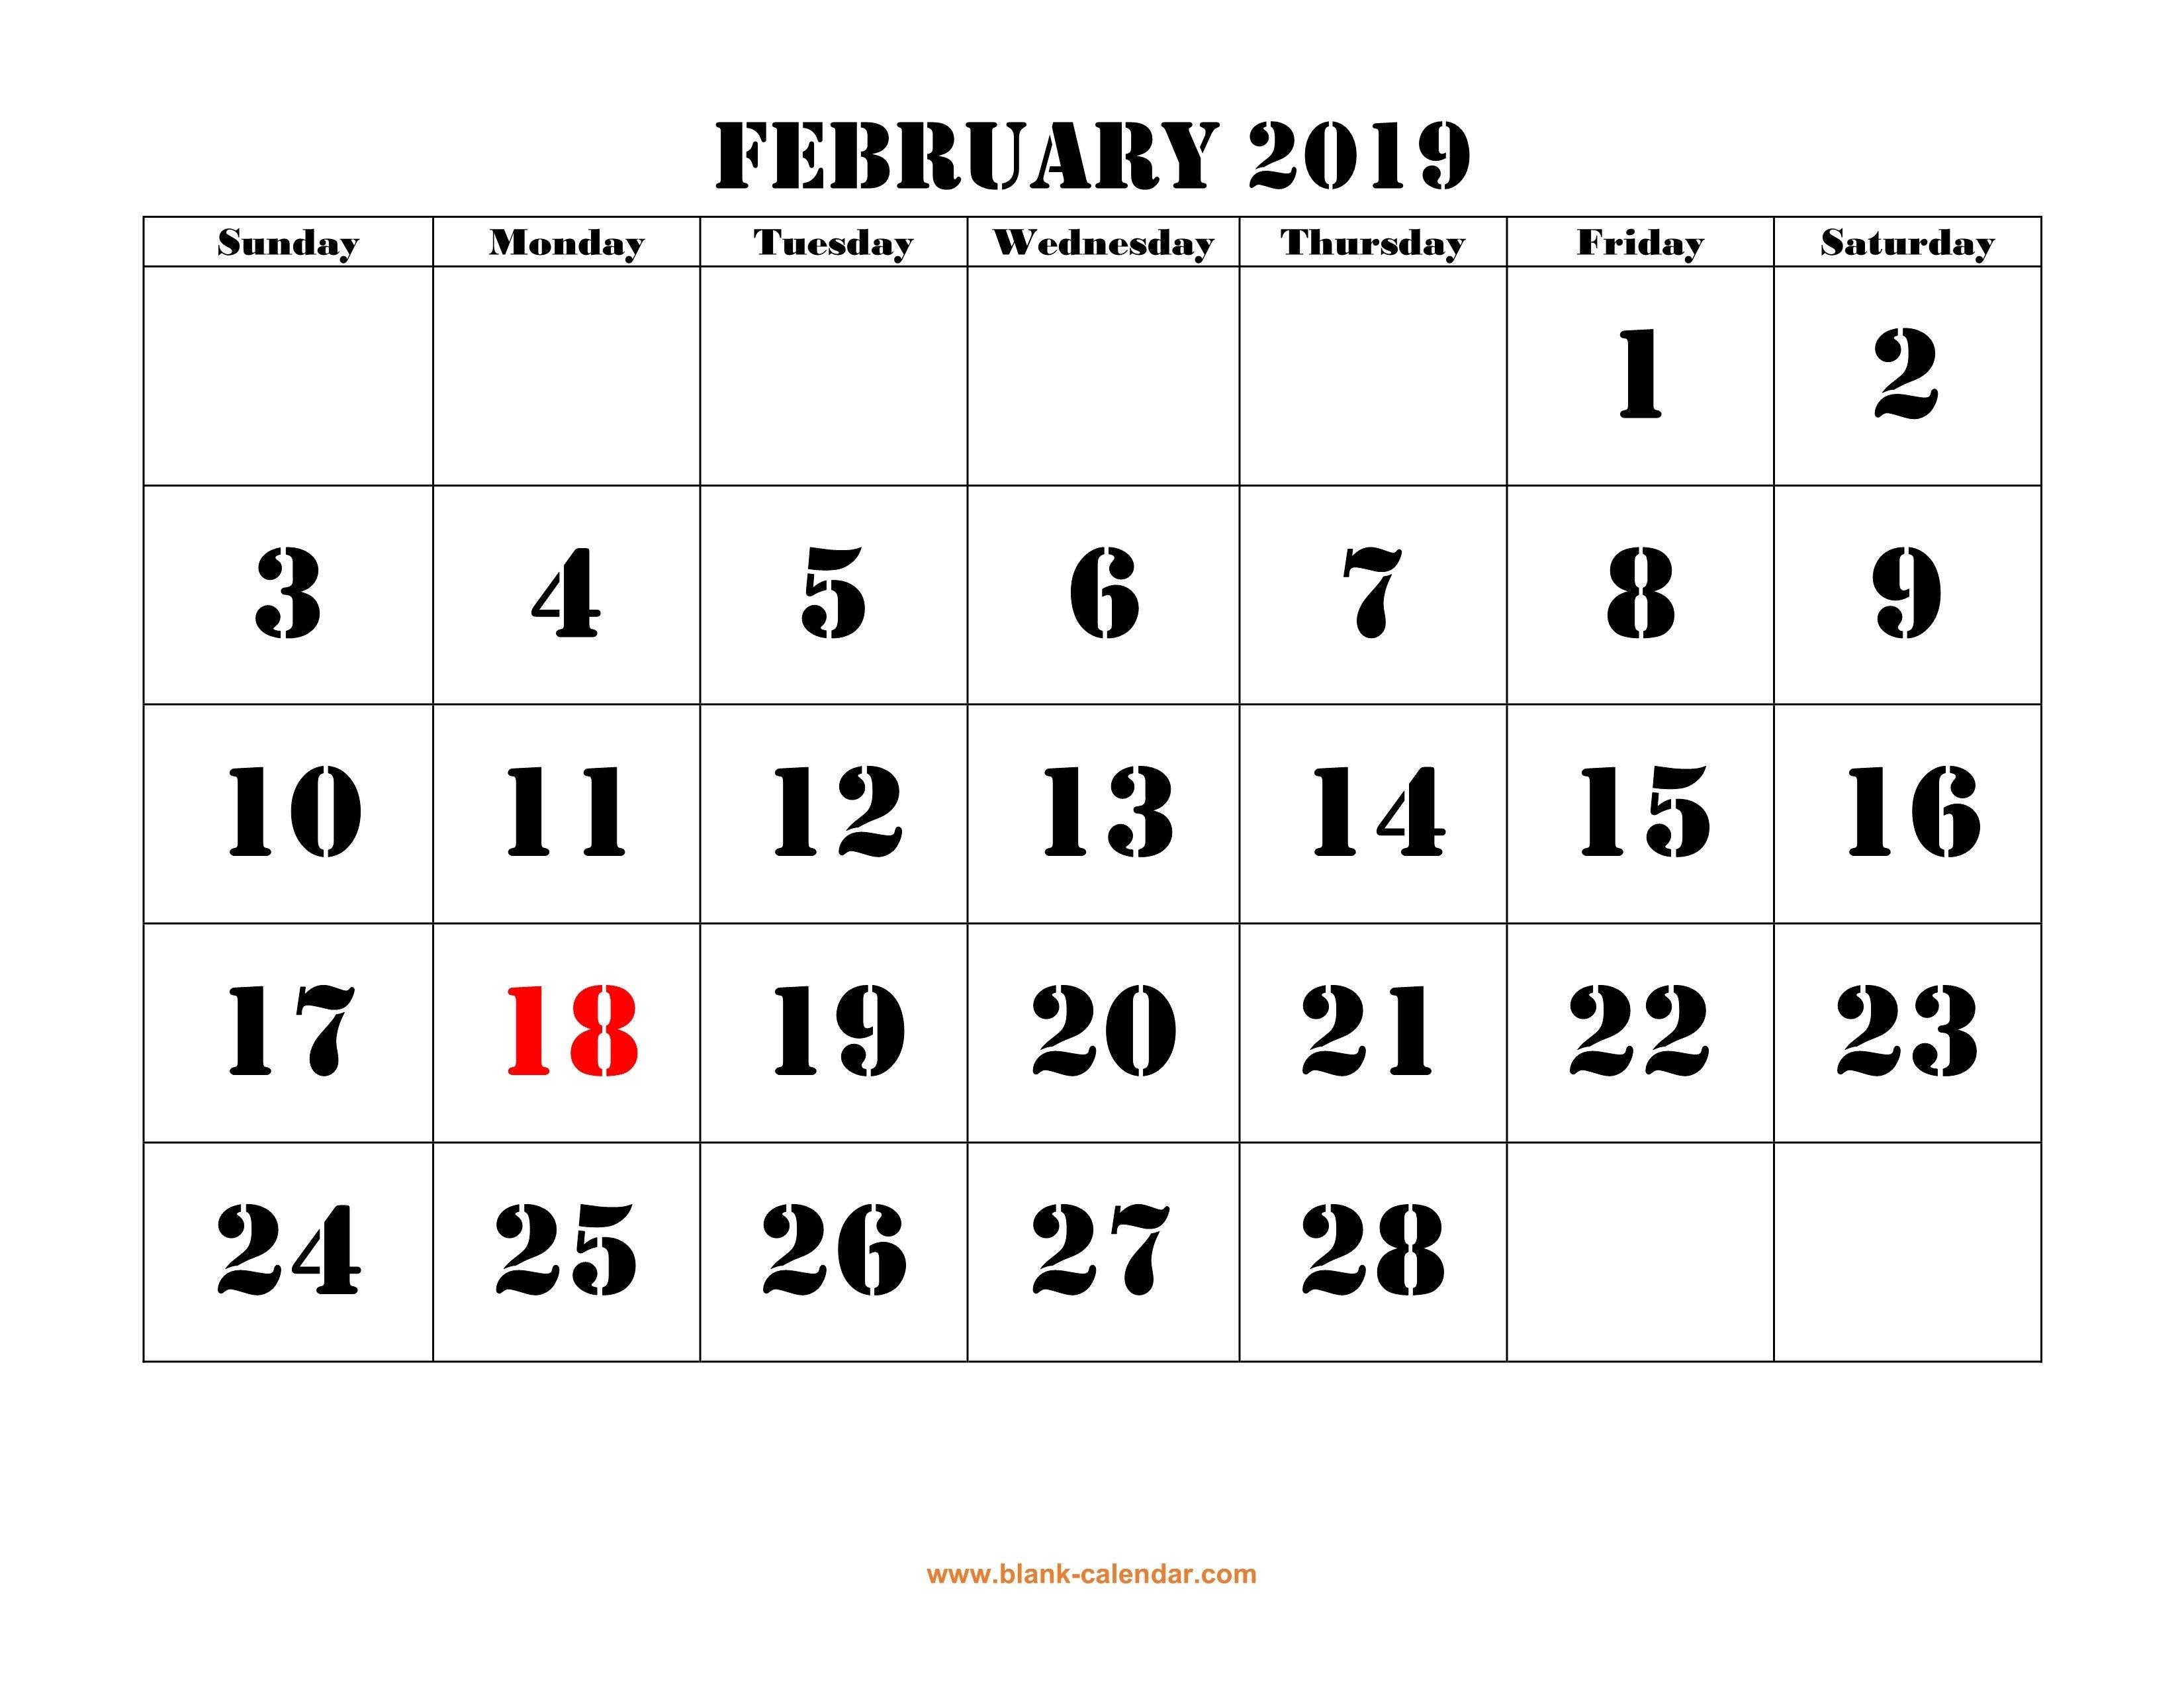 Google Docs Calendar February Template 2019 | Google Docs Calendar 2019 Outline